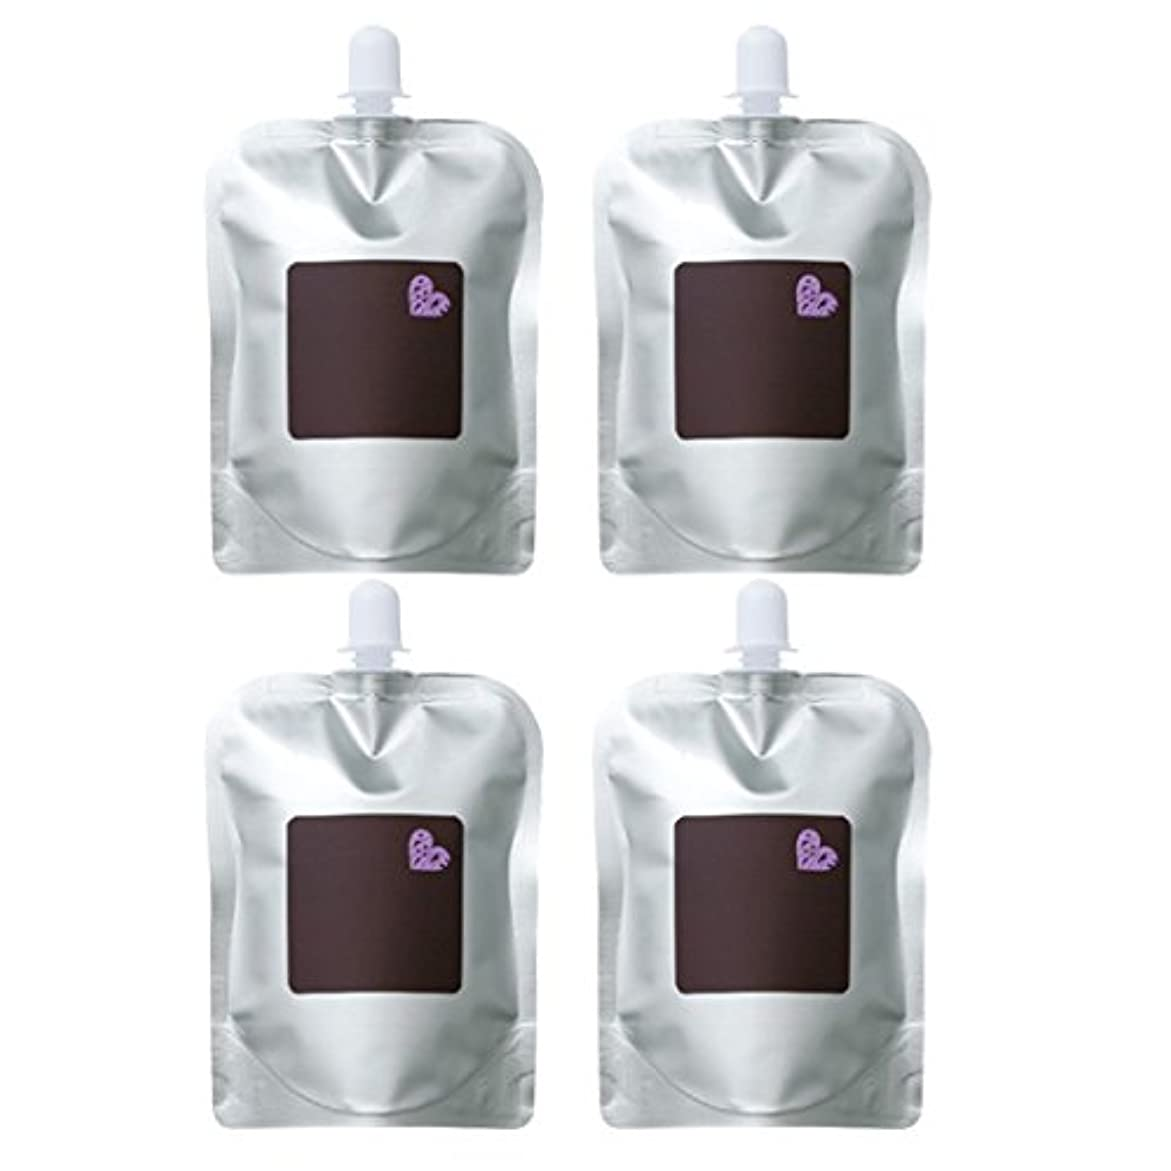 満州用量入浴【X4個セット】 アリミノ ピース バウンシーカール ホイップ 400g 詰替え用